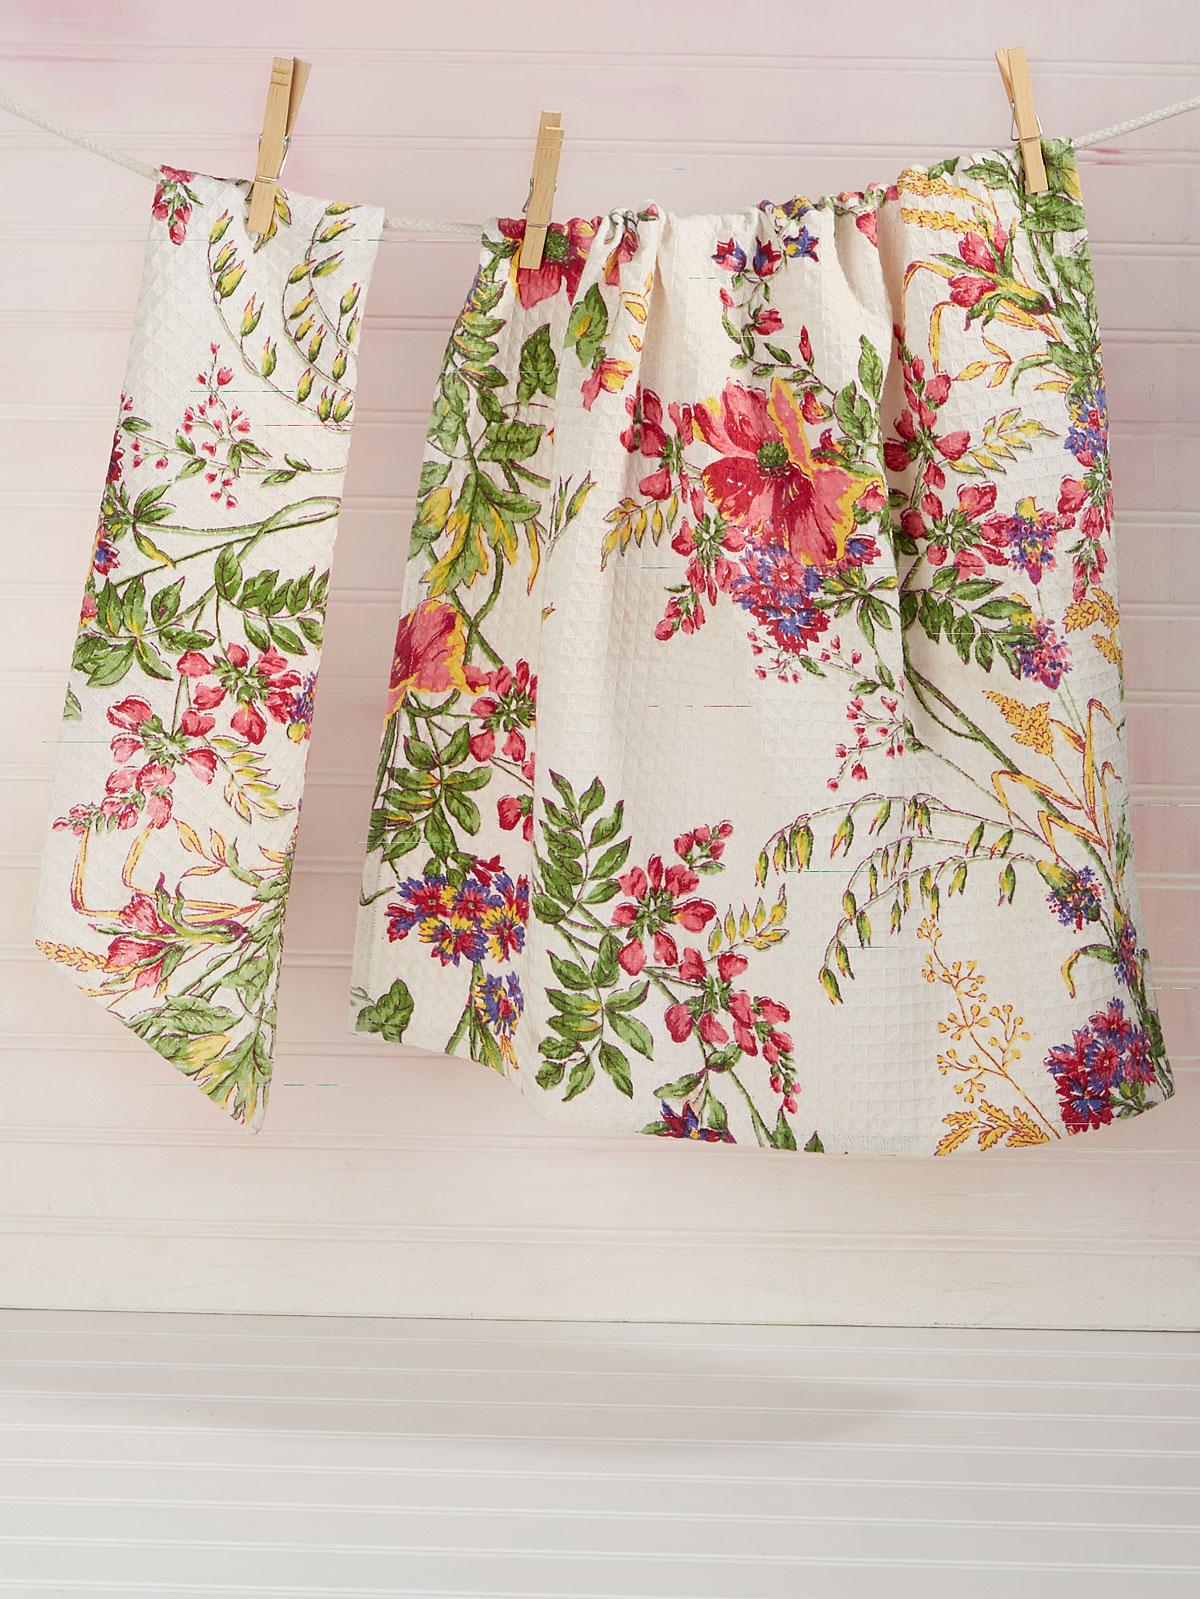 Wildflower Meadow Tea Towel Set of 2